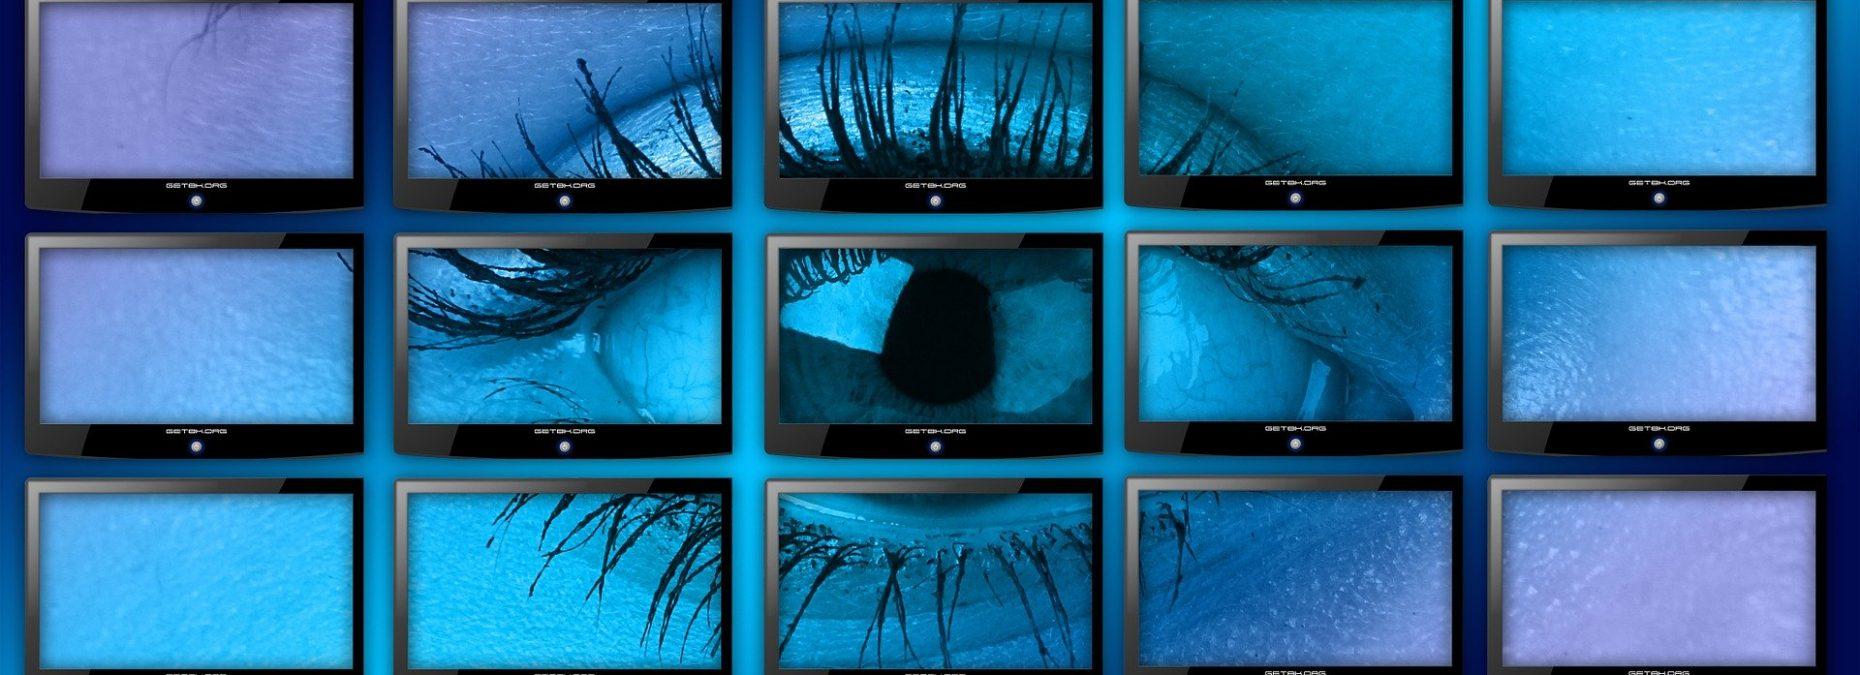 sistemas de video vigilancia y redes informáticas